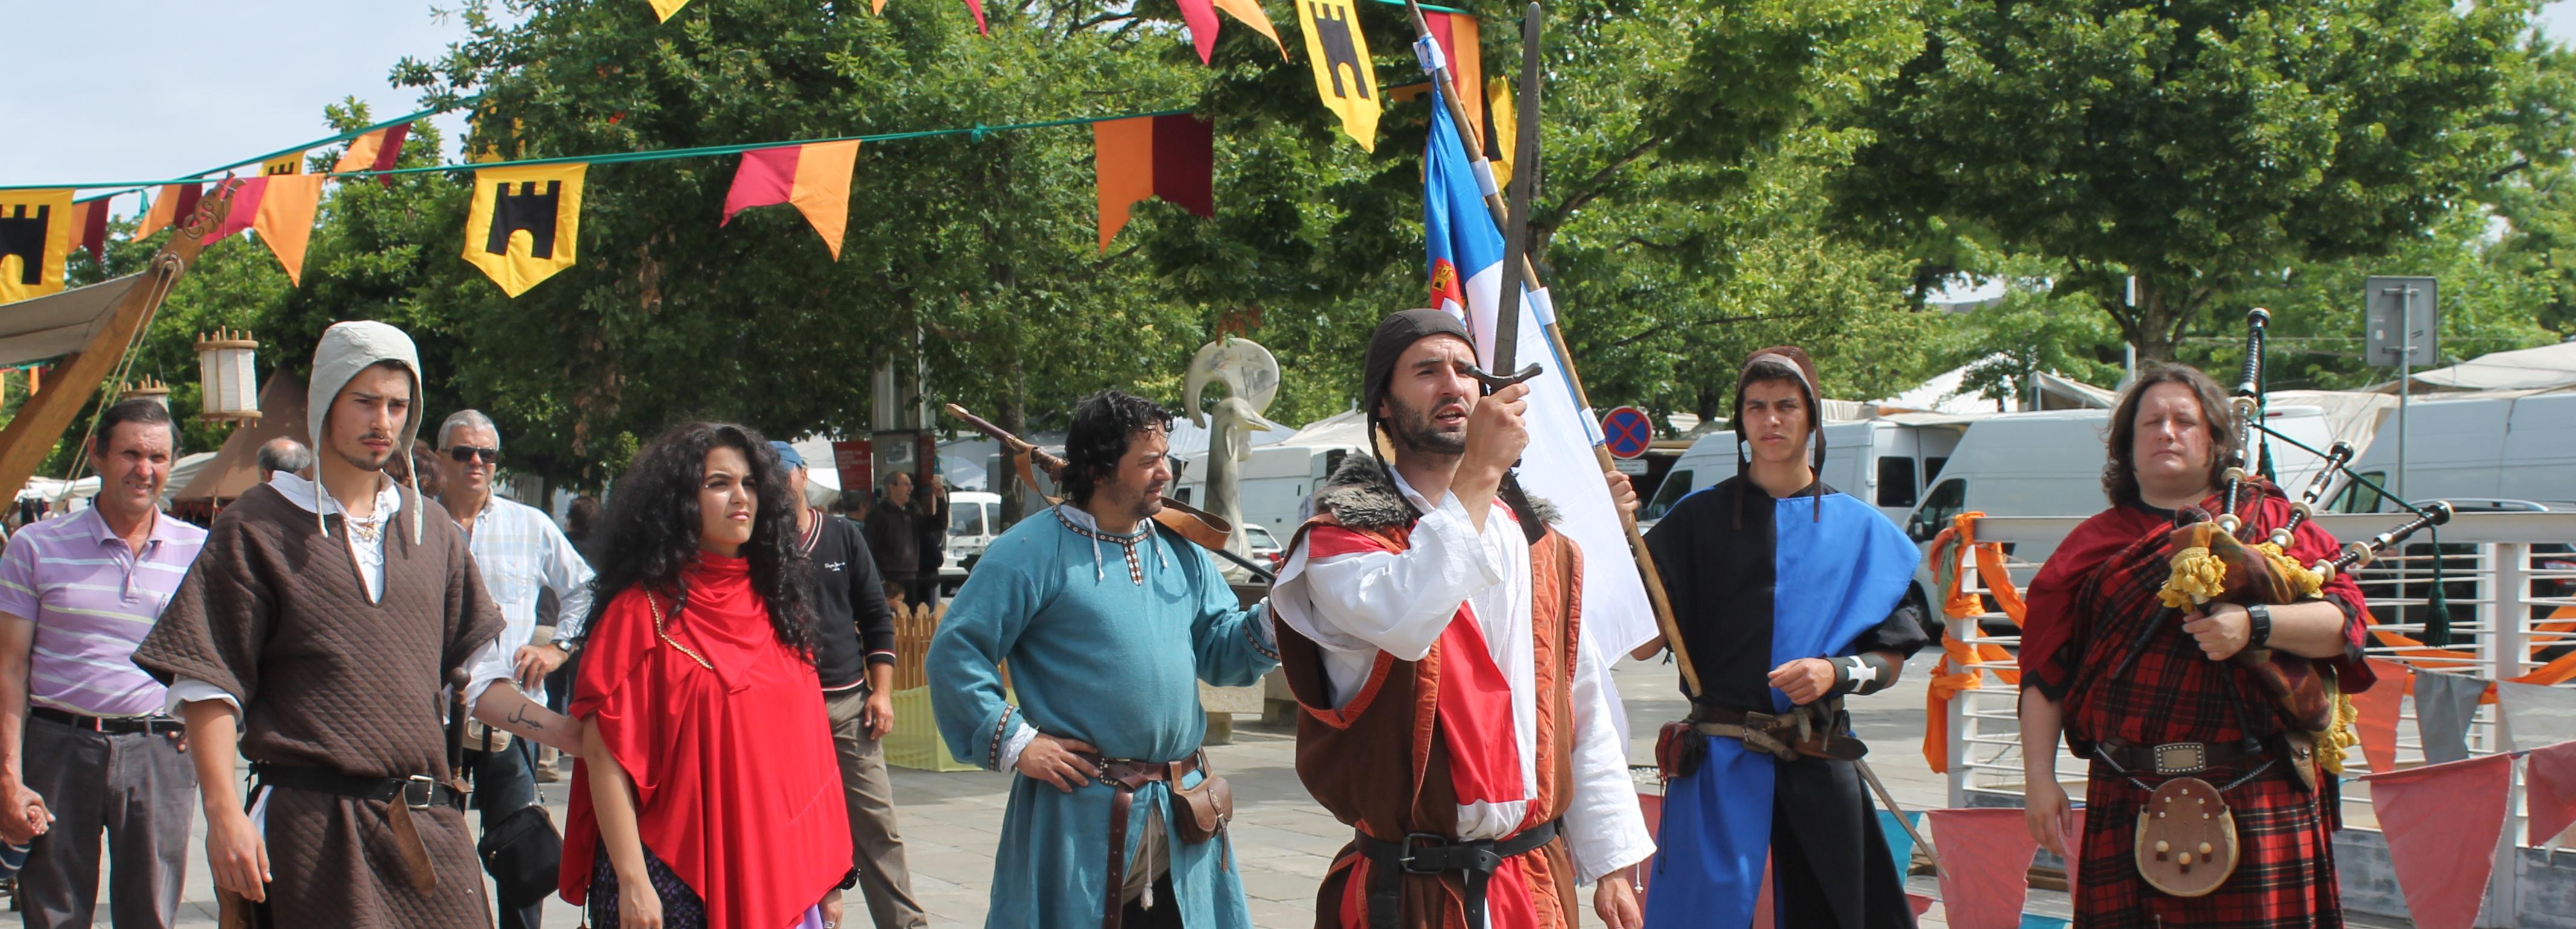 Recriação do Mercado Medieval atraiu milhares de pessoas a Barcelos